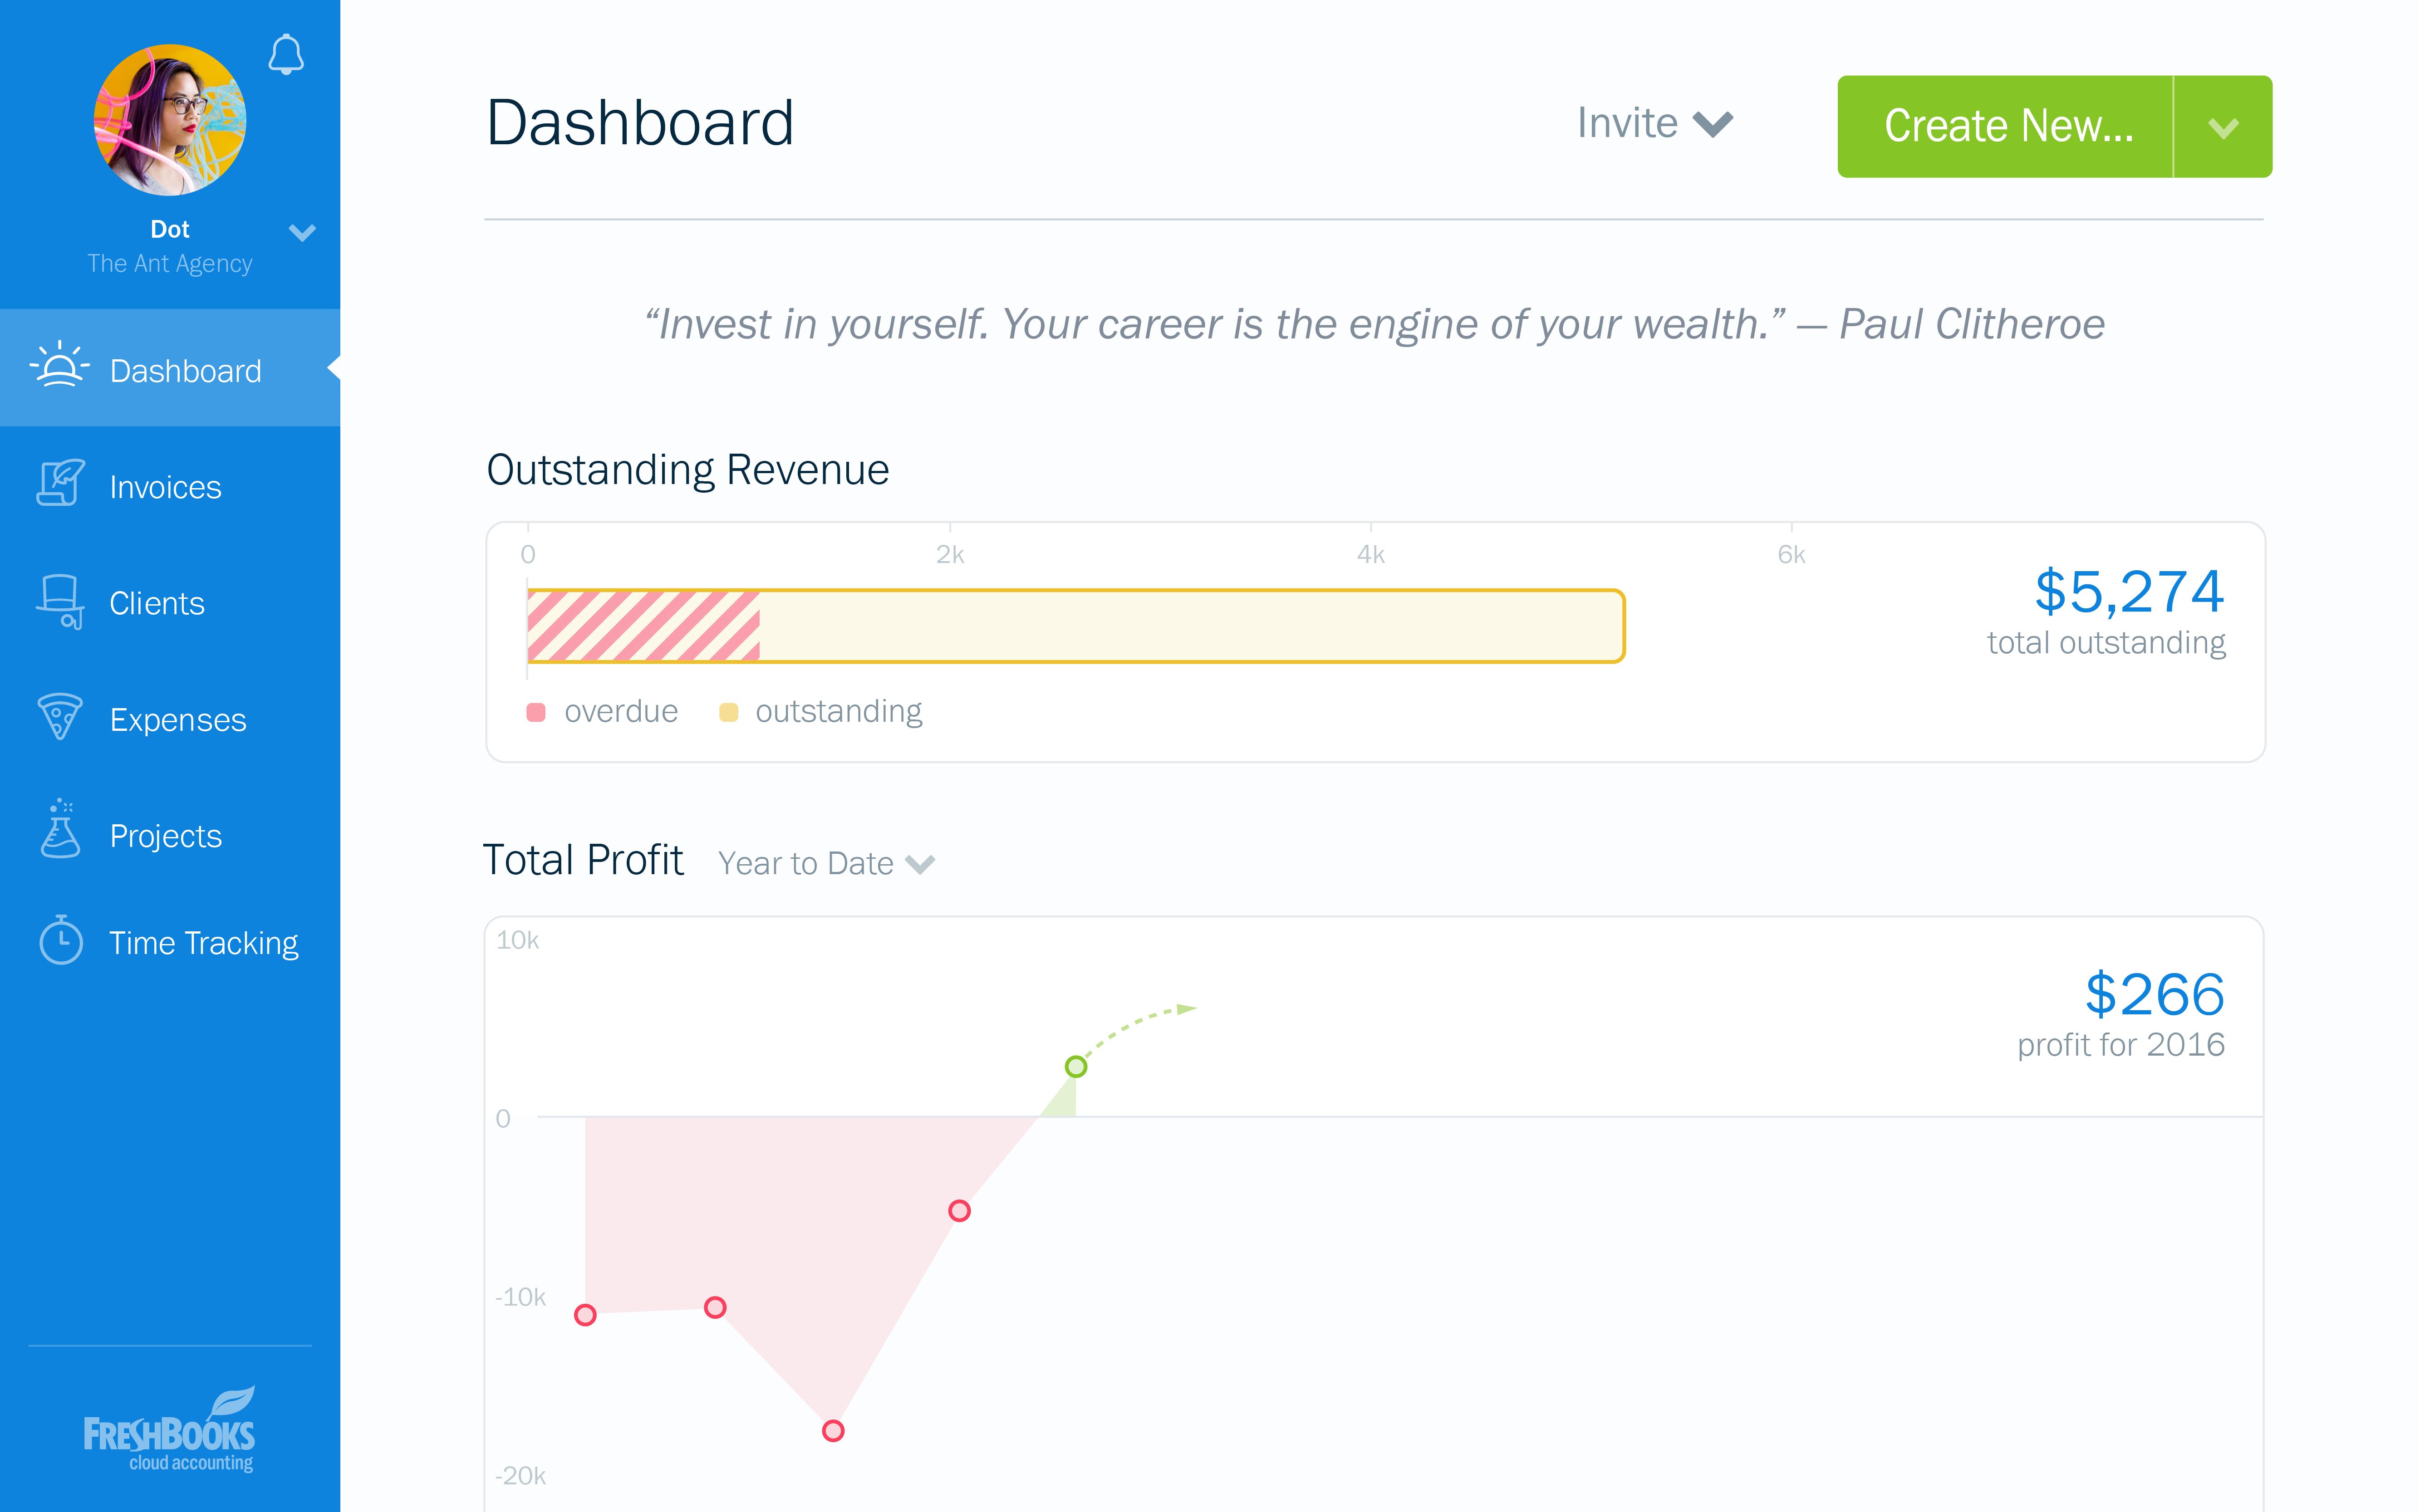 FreshBooks accounting dashboard screenshot